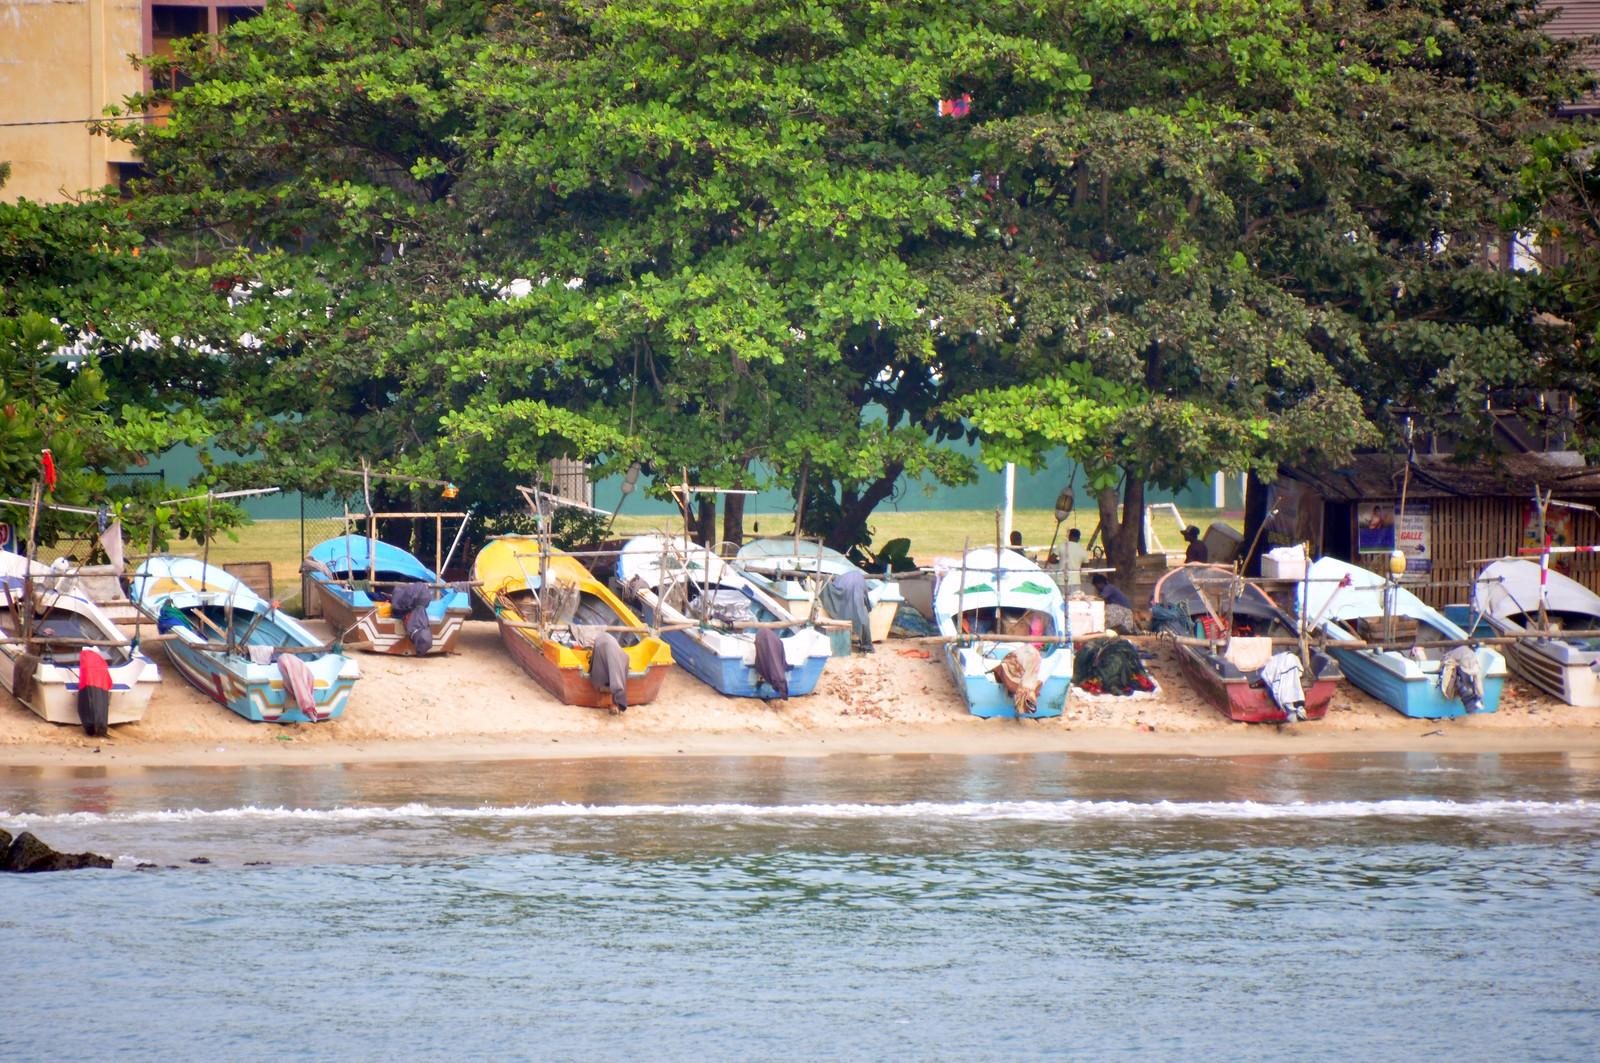 Visitar Galle en un día, Sri Lanka galle en un día - 33133855368 70aada2774 h - Galle en un día, Sri Lanka